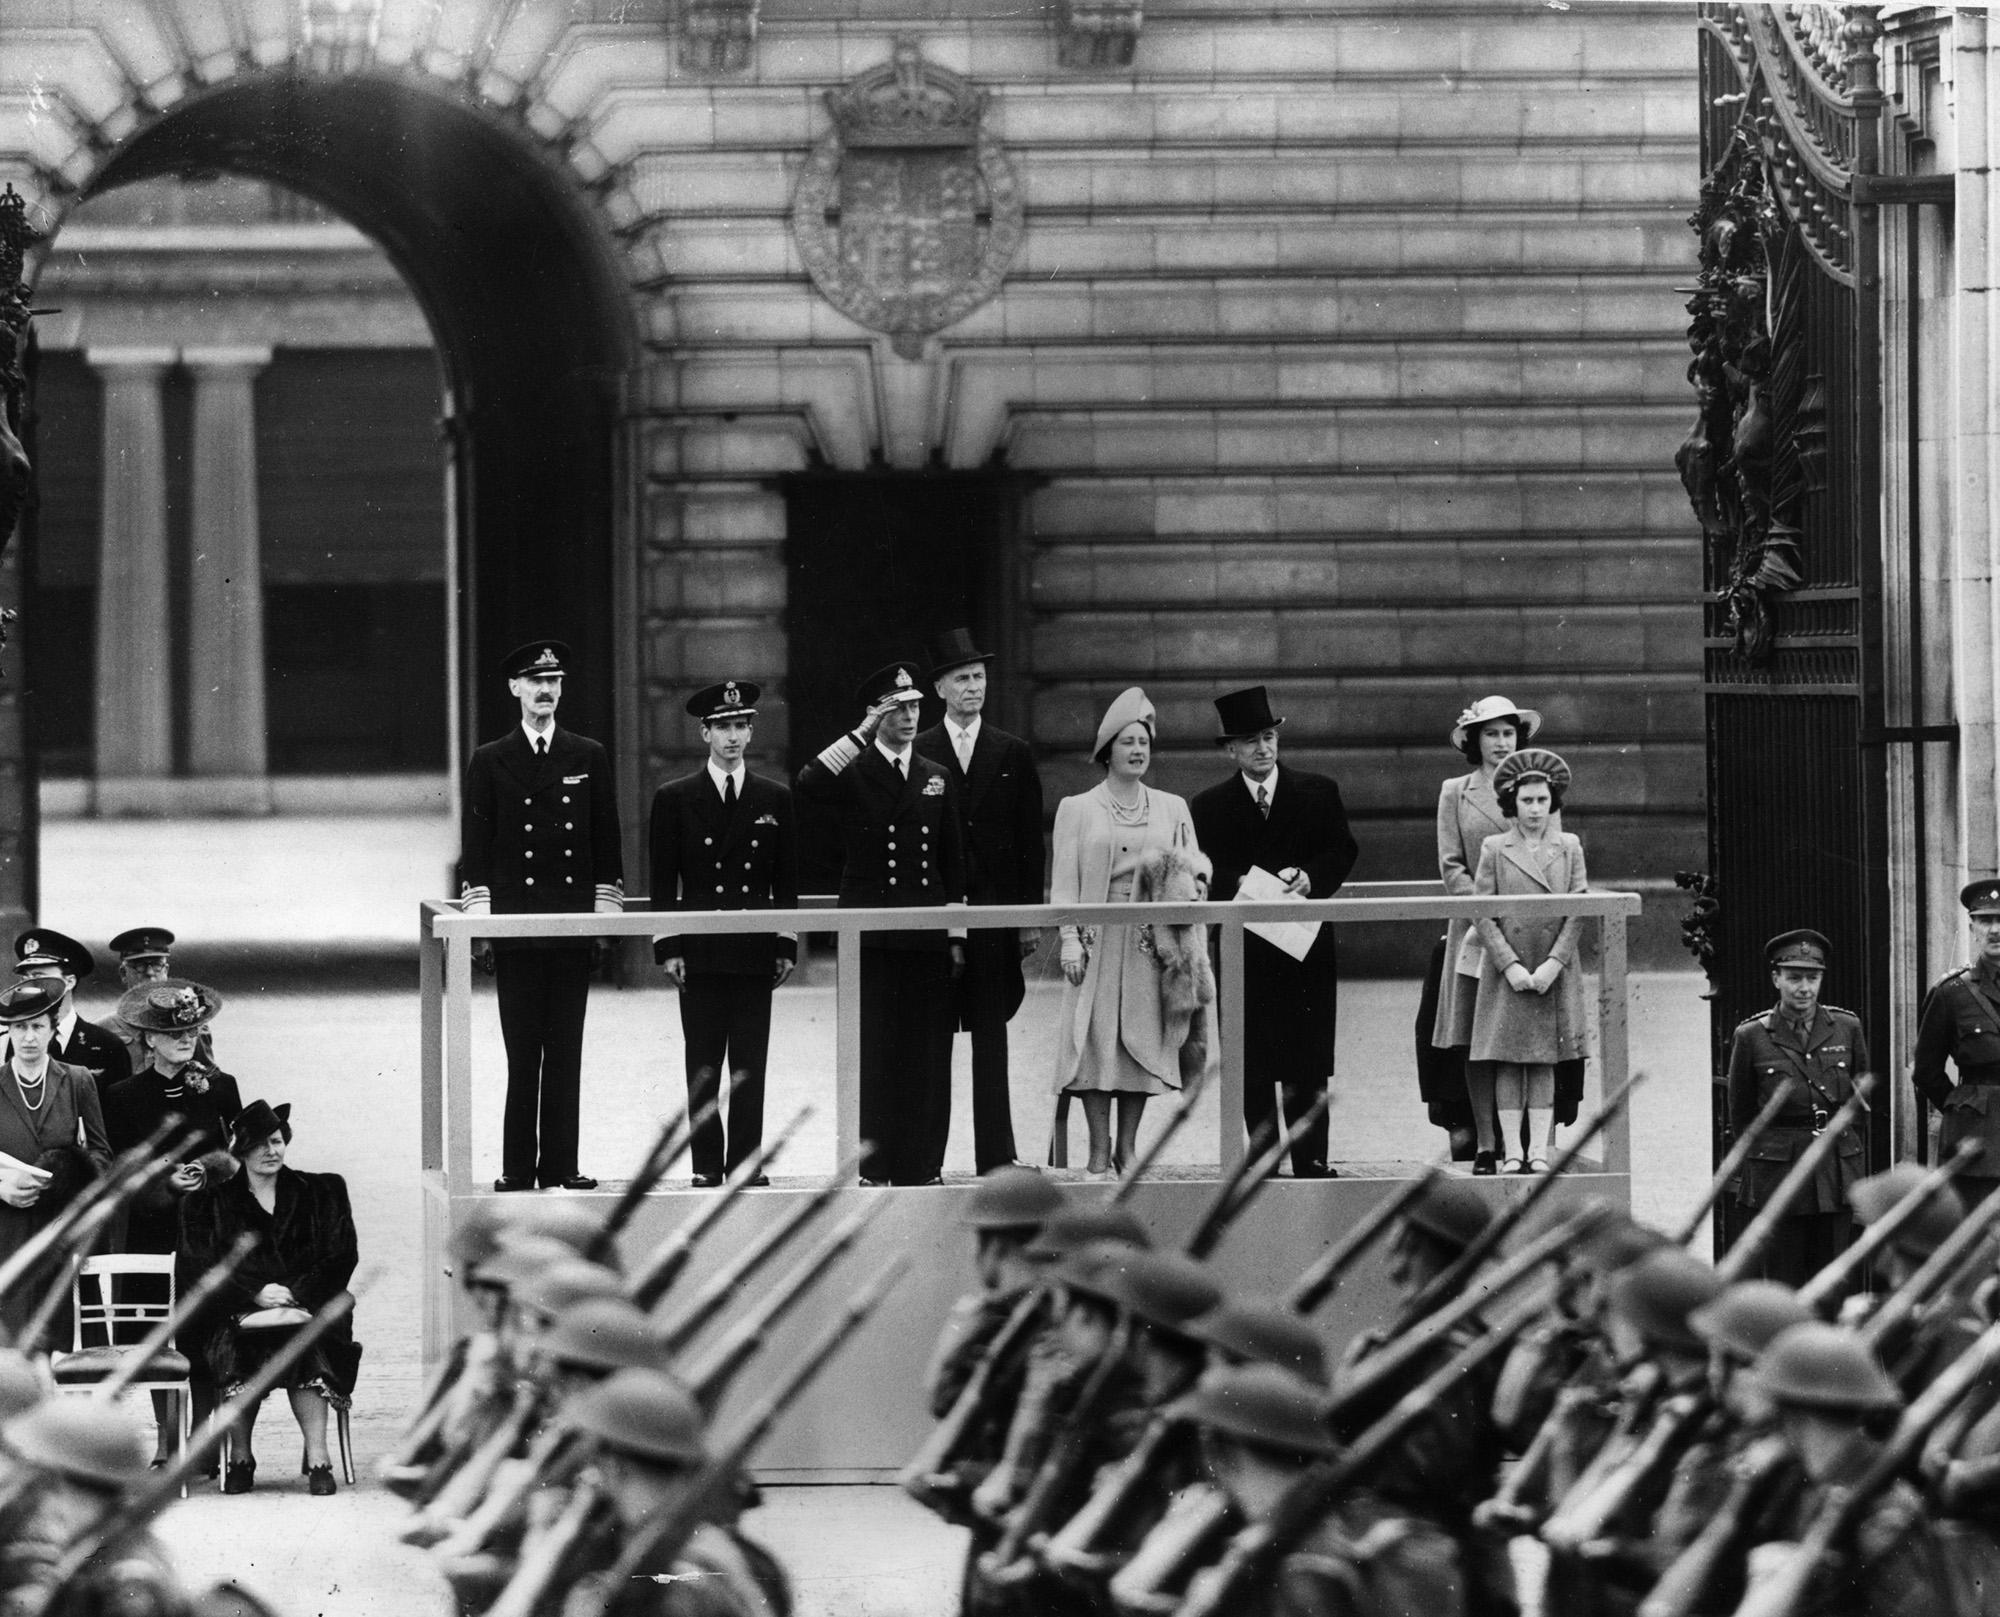 Король Георг VI принимает парад уБукингемского дворца вместе со своими дочерями Елизаветой иМаргарет.